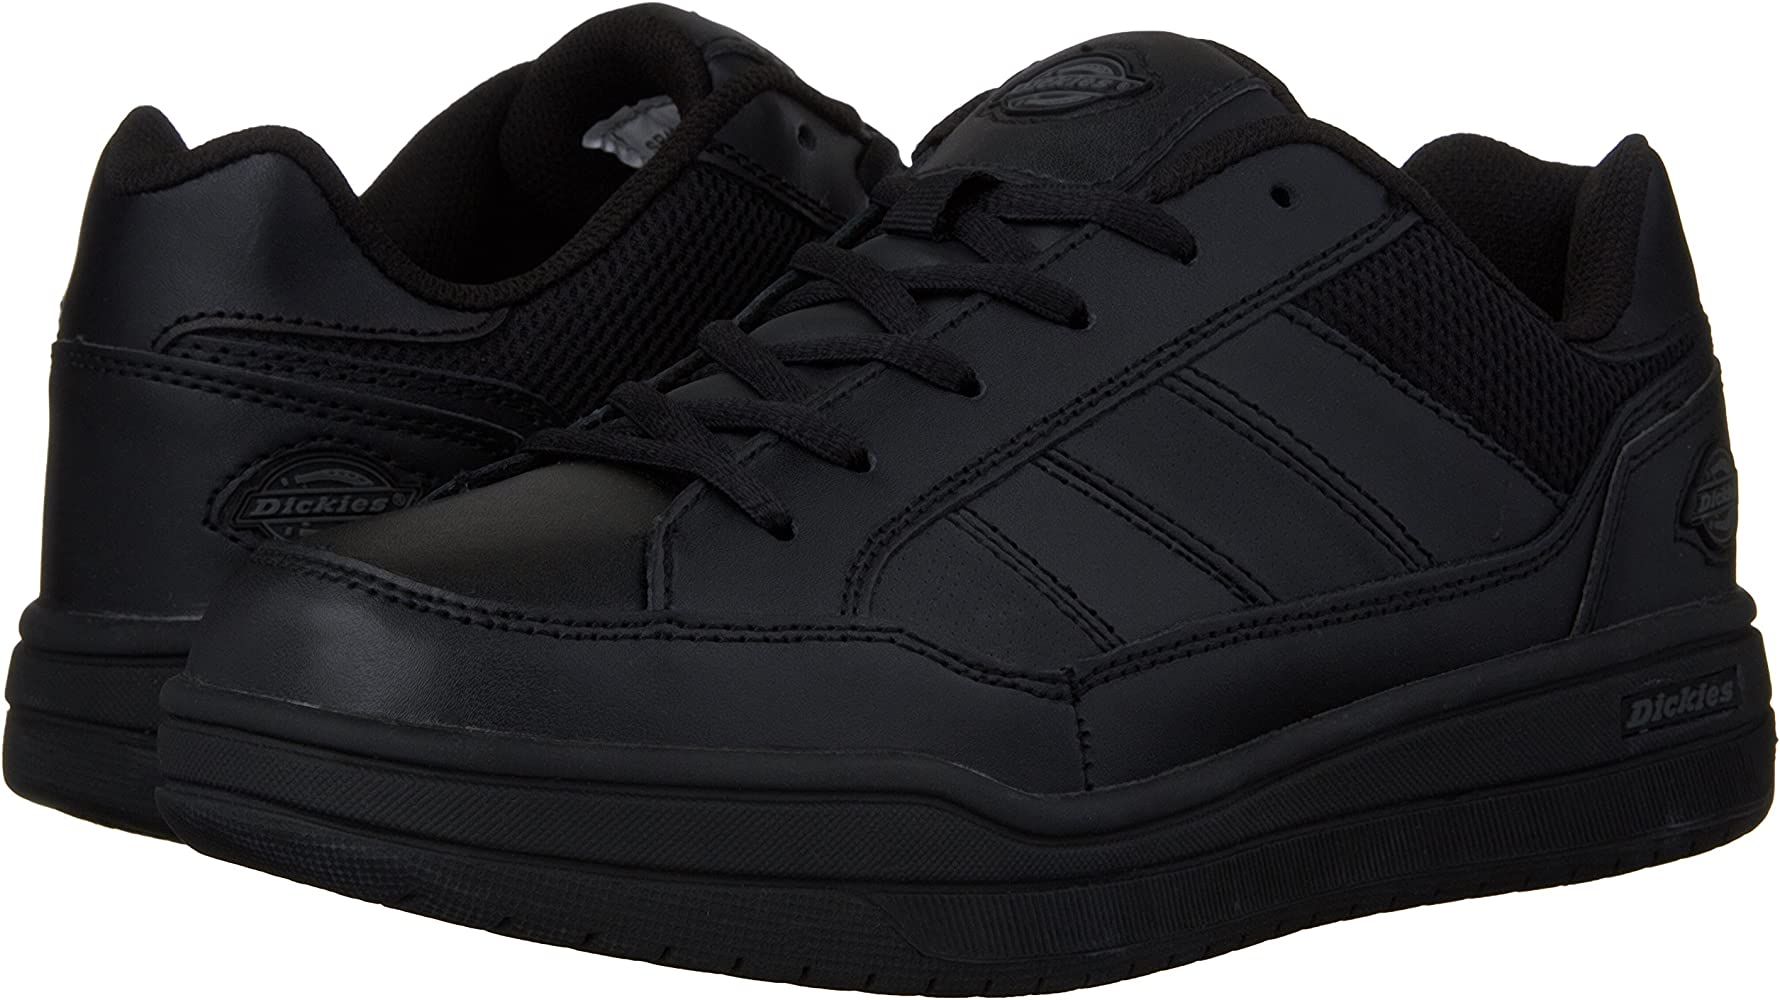 Dickies Men's Athletic Skate Shoe